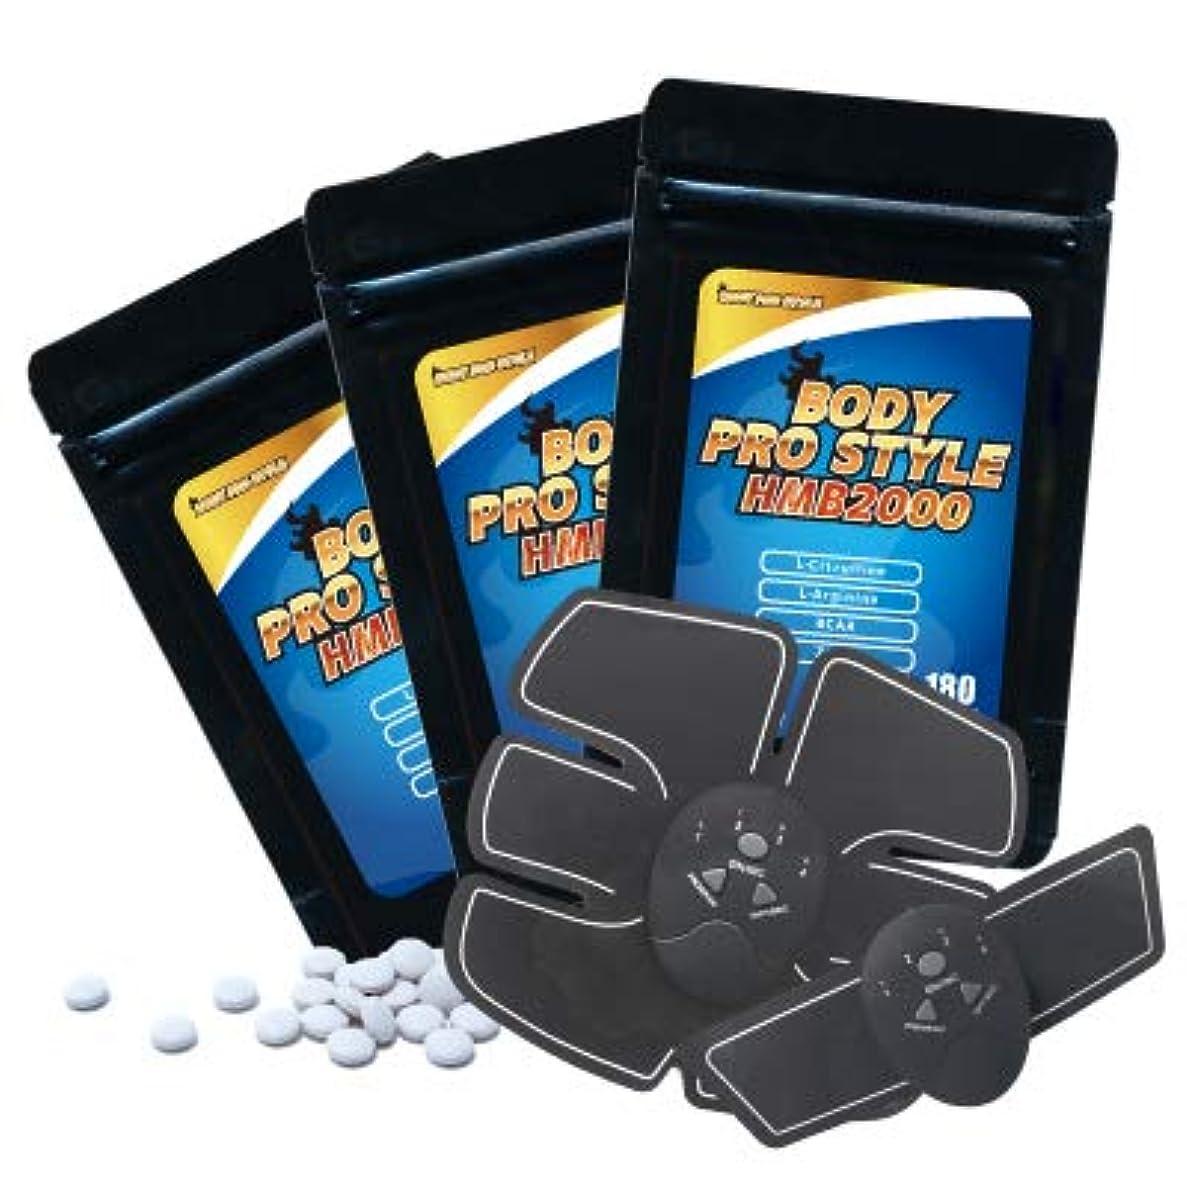 救い薬剤師イベントBODY PRO STYLE HMB2000(3個セット+EMSプレゼント)